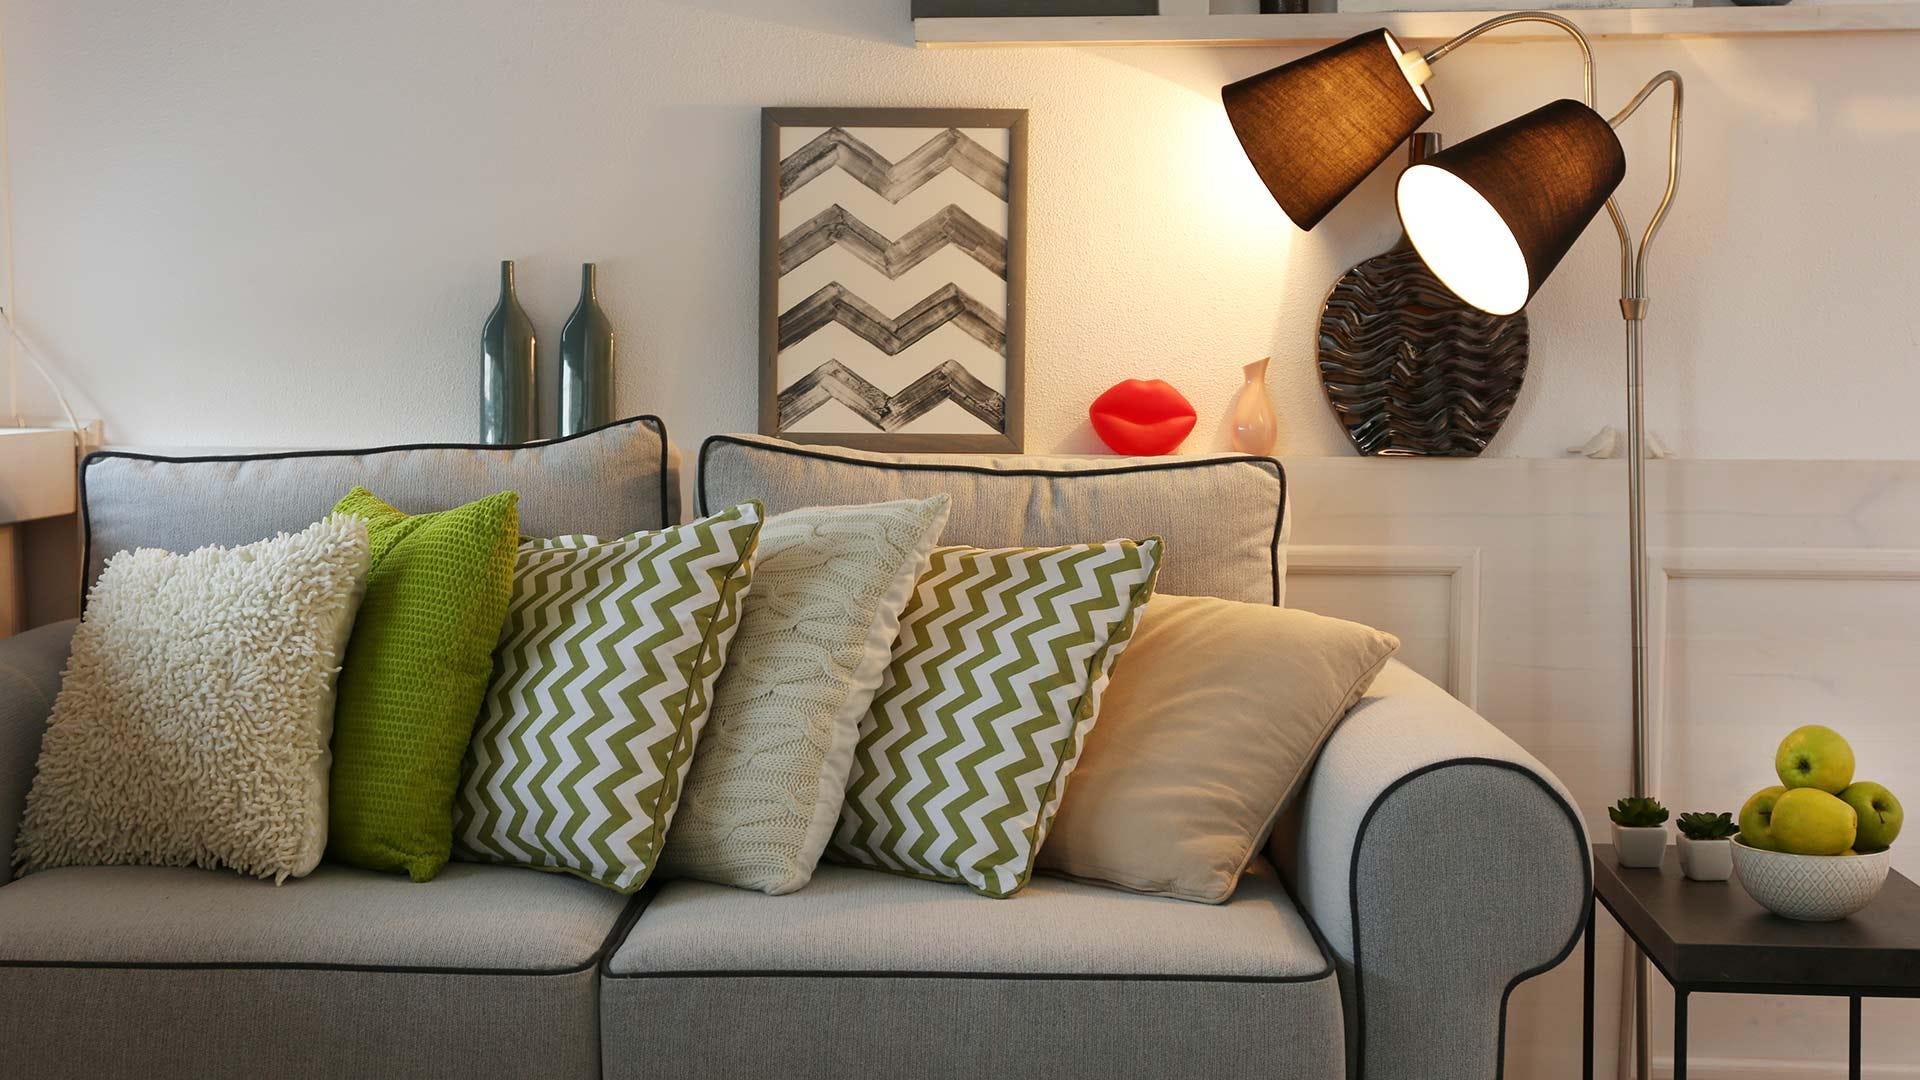 Un salon moderne avec un canapé gris recouvert d'oreillers colorés.